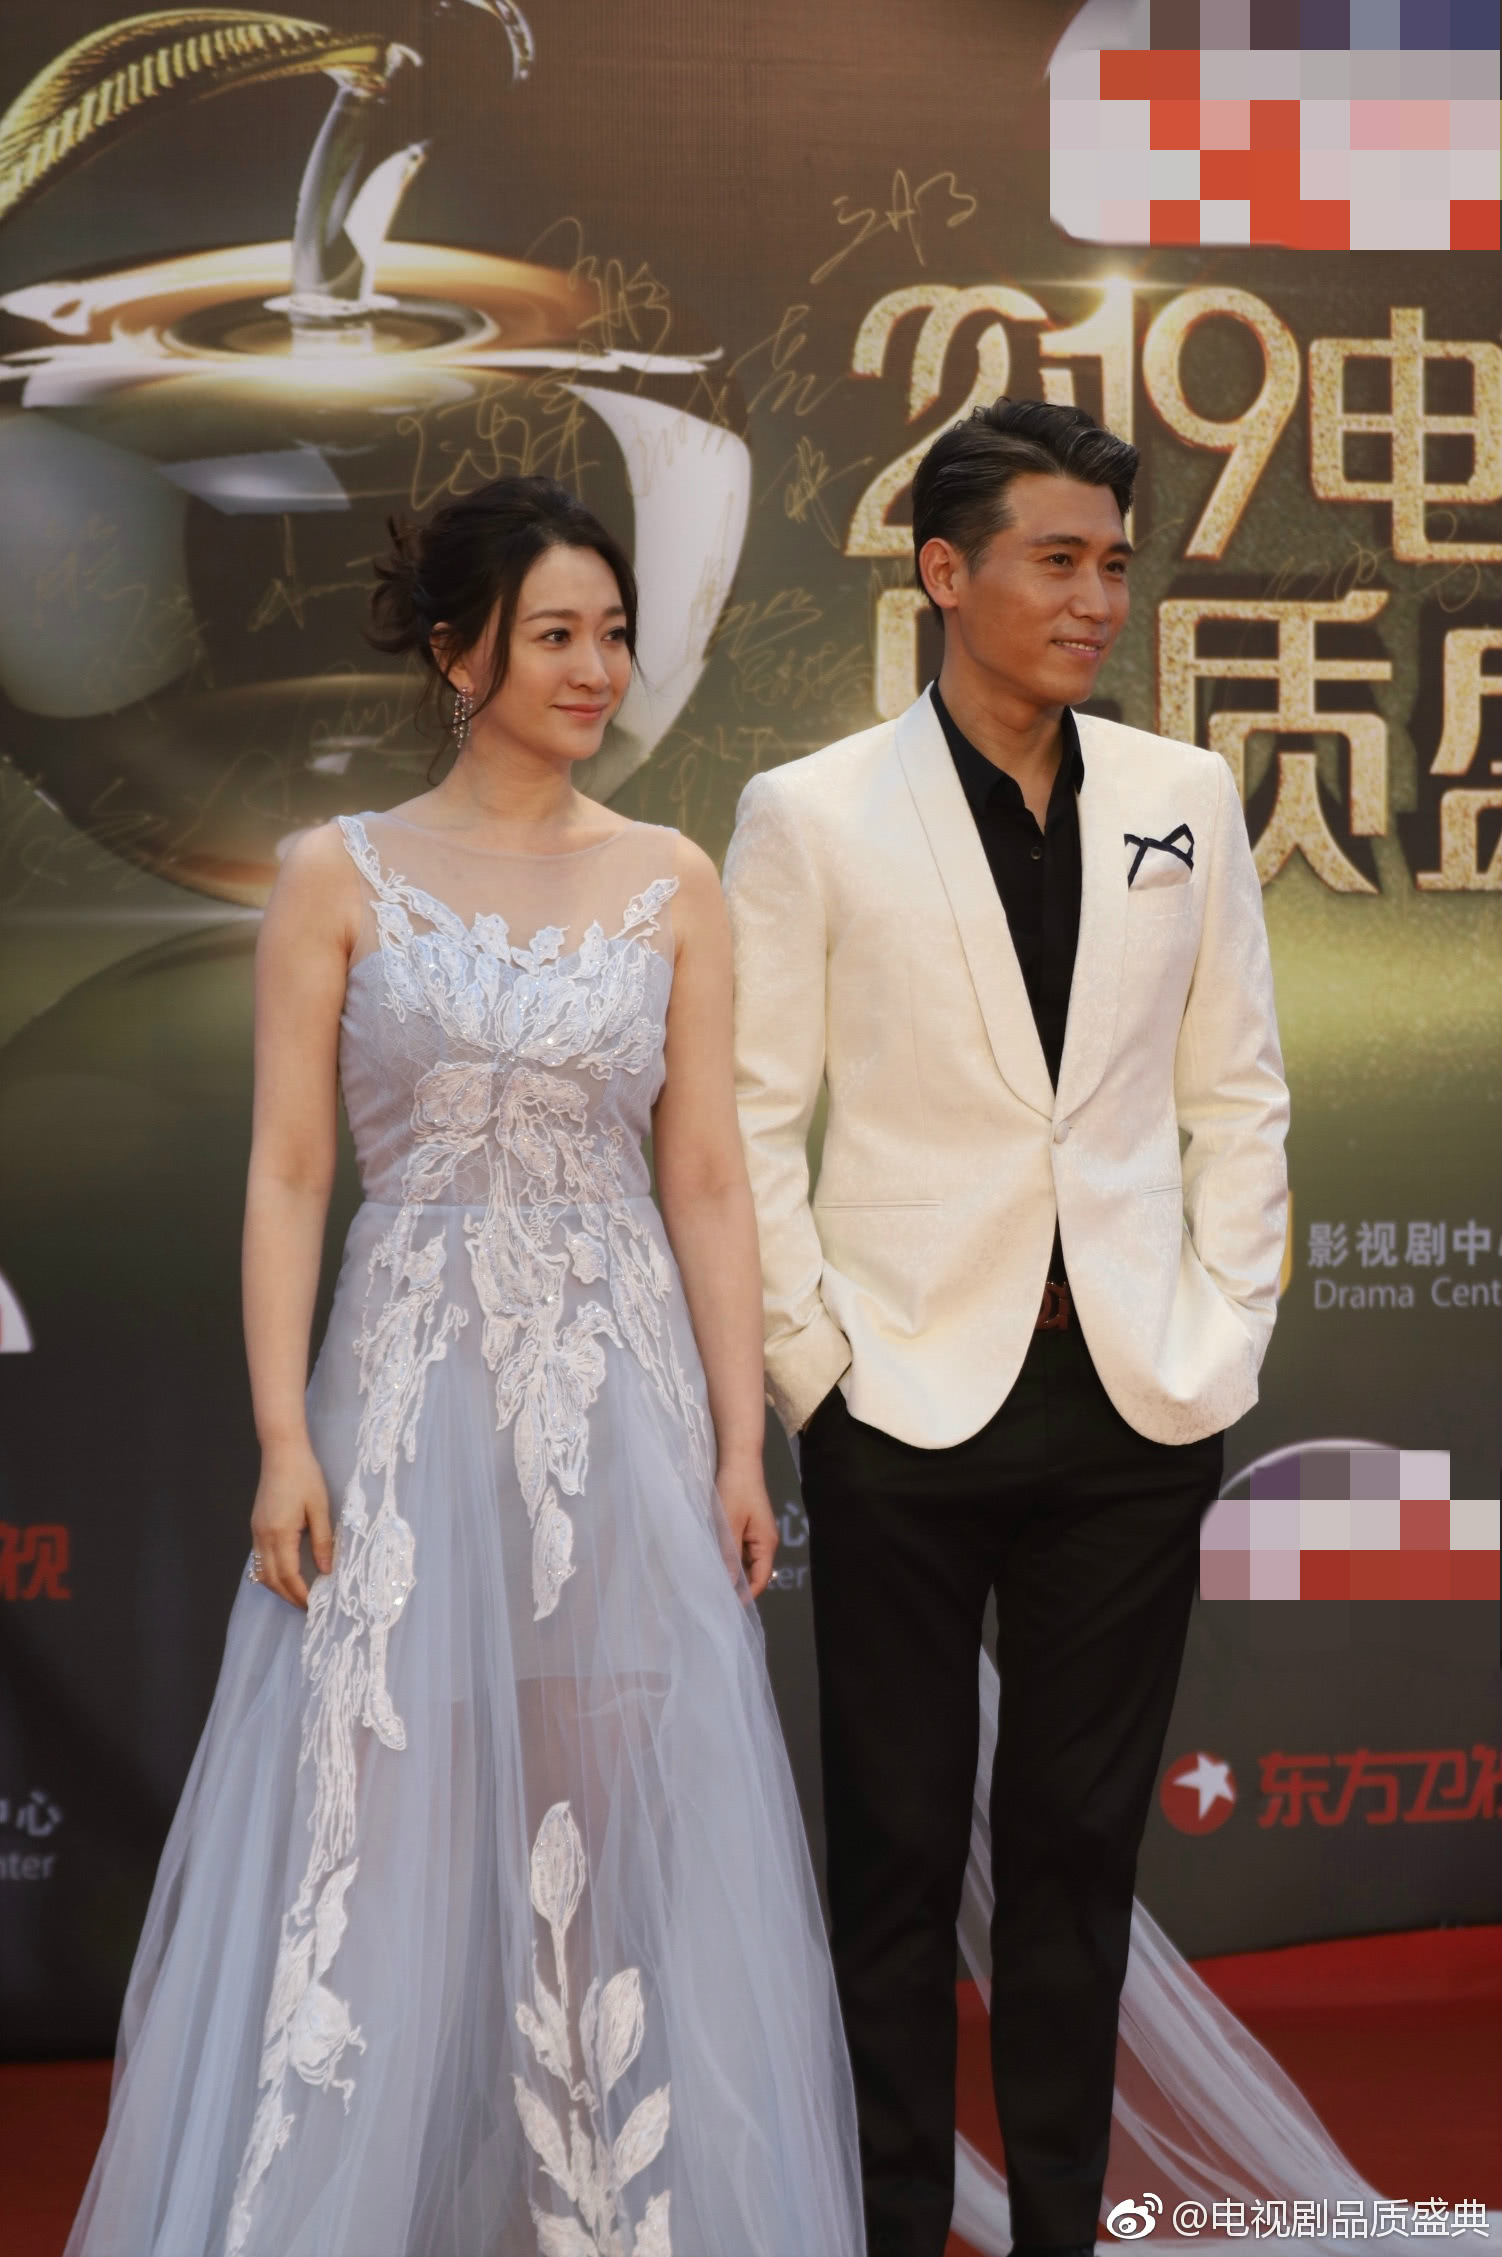 唐嫣罗晋合体,刘涛首次当主持,阴雨天也不影响明星红毯比美!